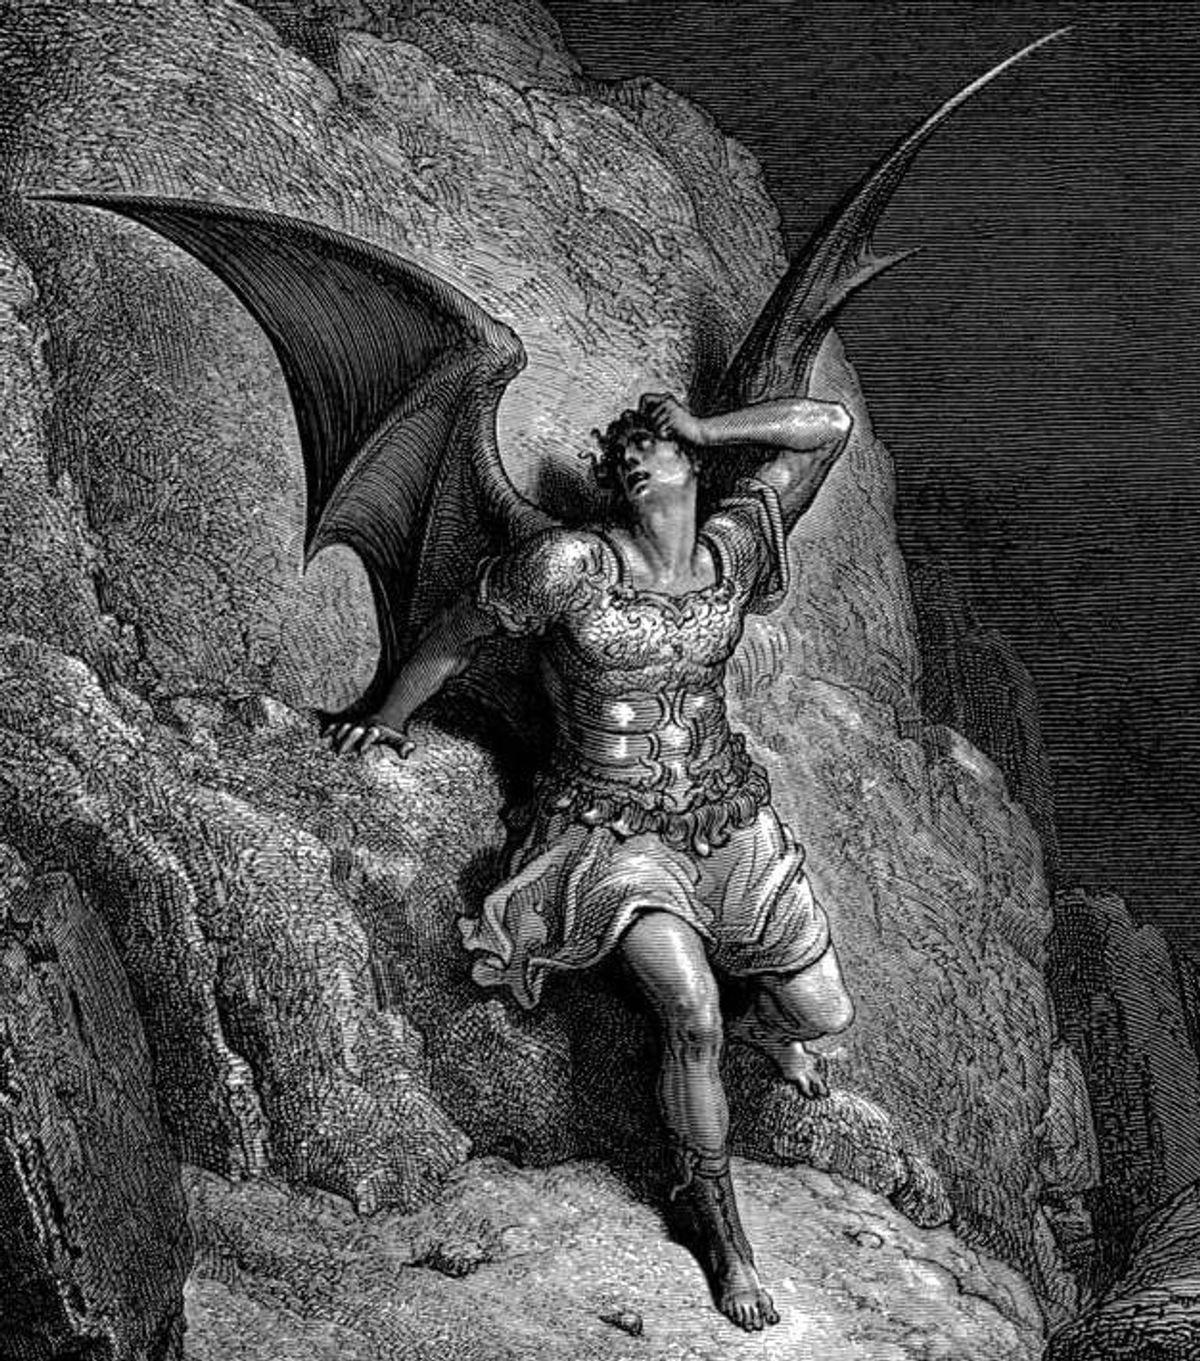 Abashed The Devil Stood